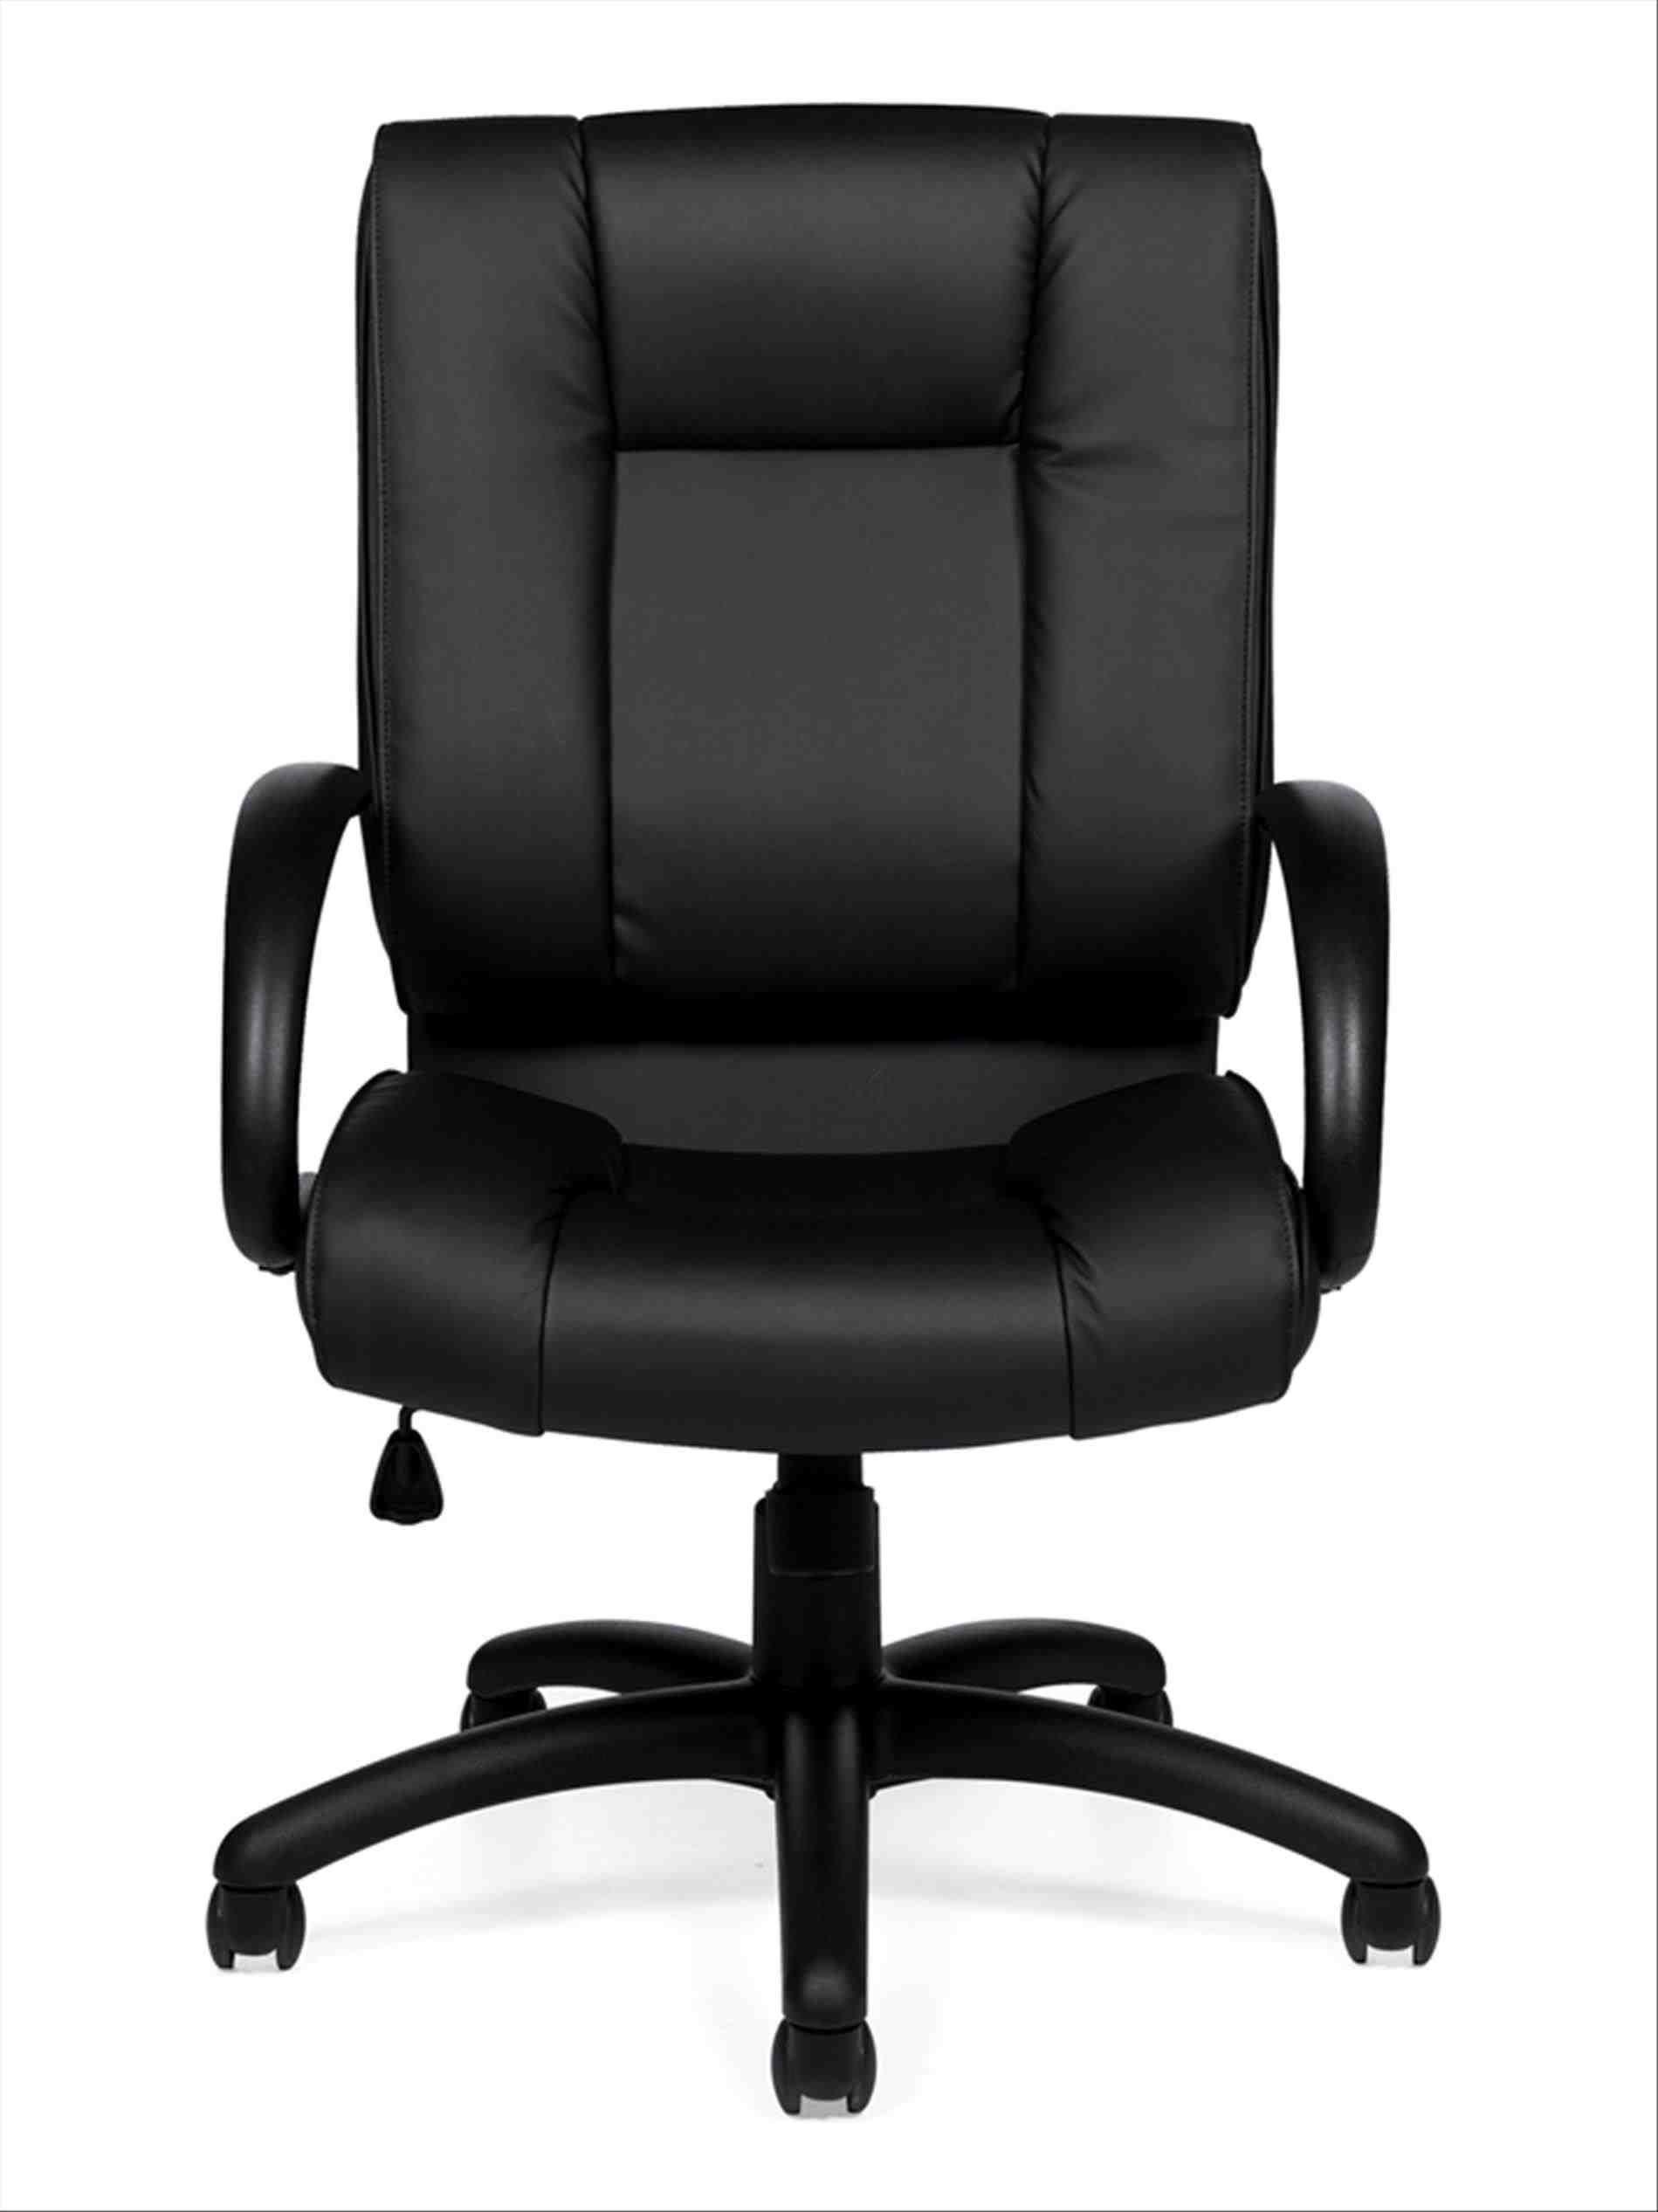 ergonomic chair bangladesh ball reviews office front png http numsekongen